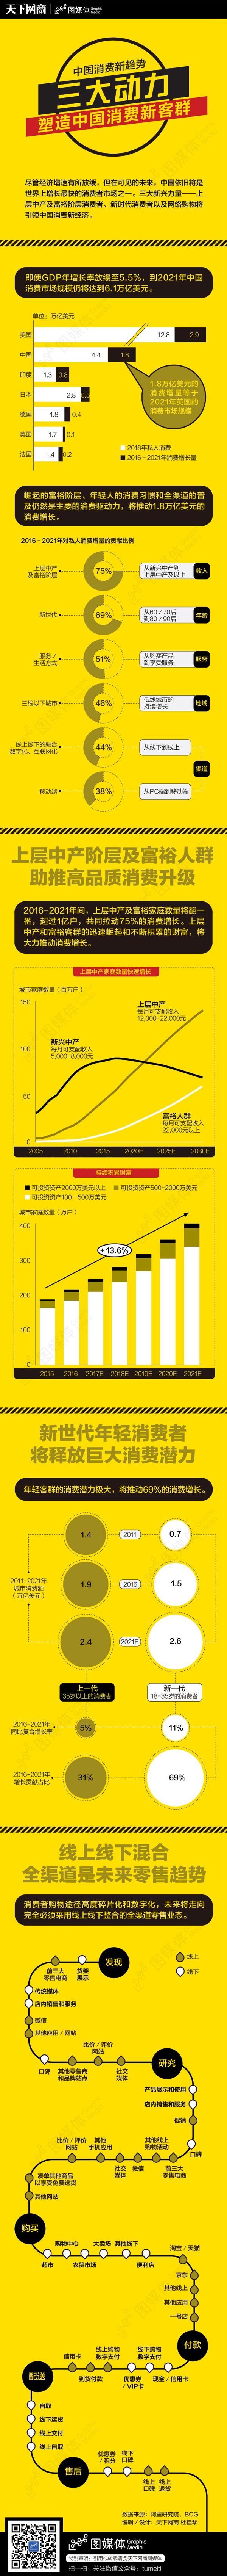 中国消费新趋势:三大新兴力量引领中国消费新经济